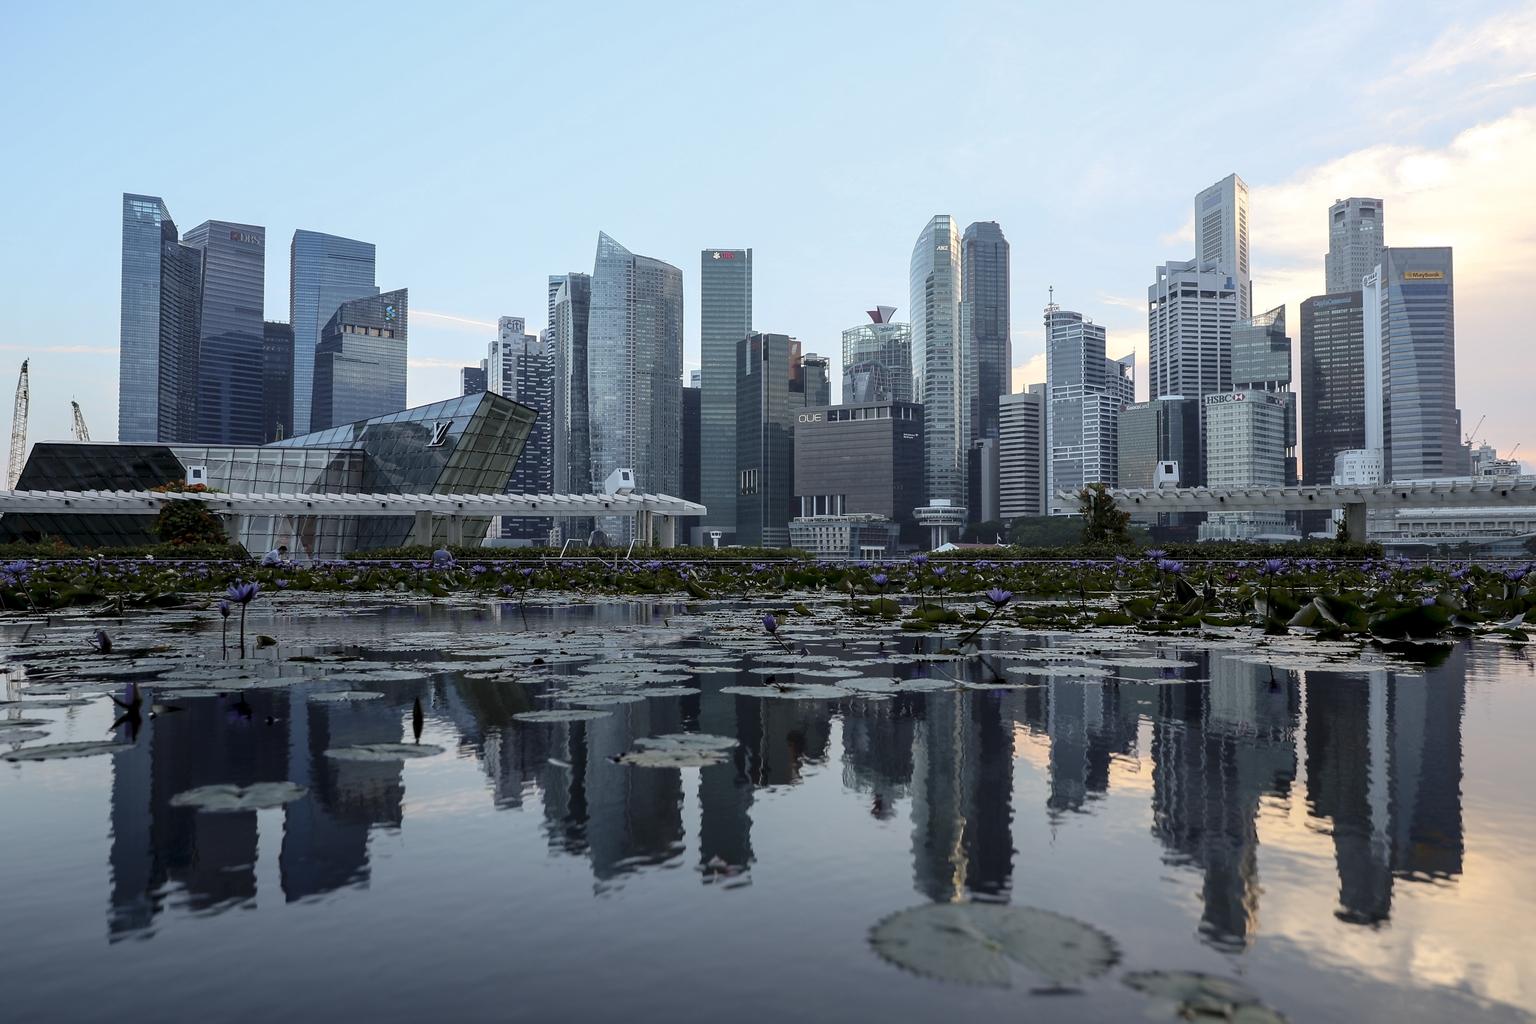 Châu Á sẽ thống trị lĩnh vực thương mại điện tử thế giới